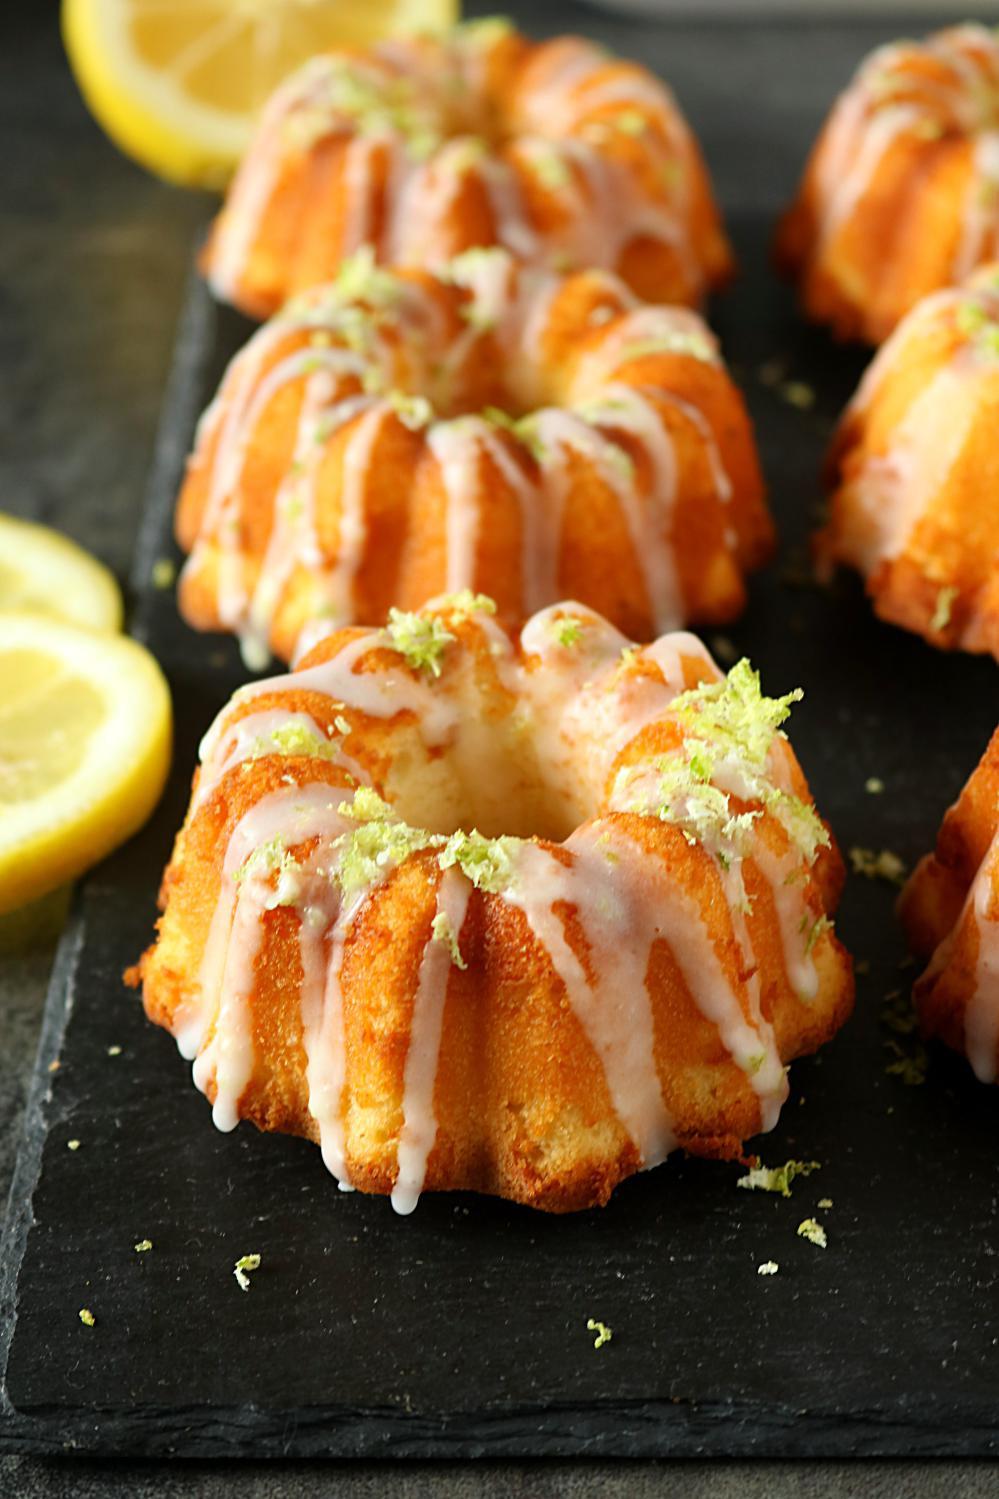 Lemon Bundt Cake  Mini Lemon Bundt Cakes Mini Lemon Bundtlette how to make